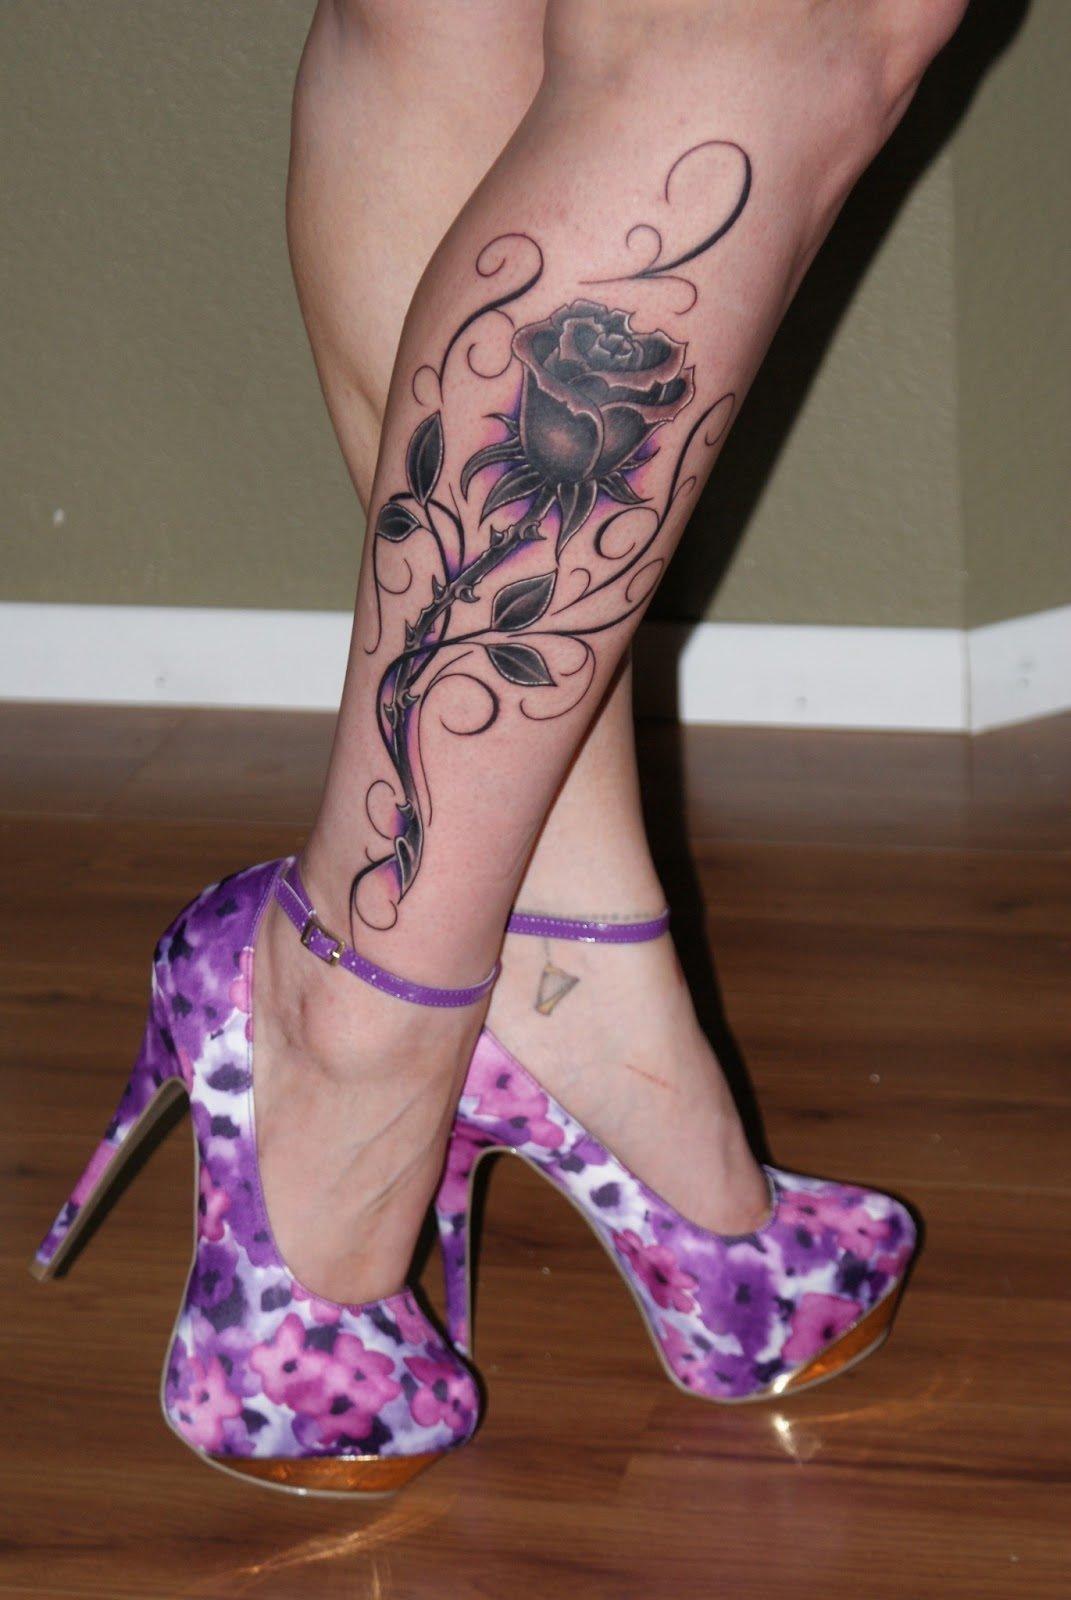 всего прикольные тату на ноге женские фото если говорить мебели